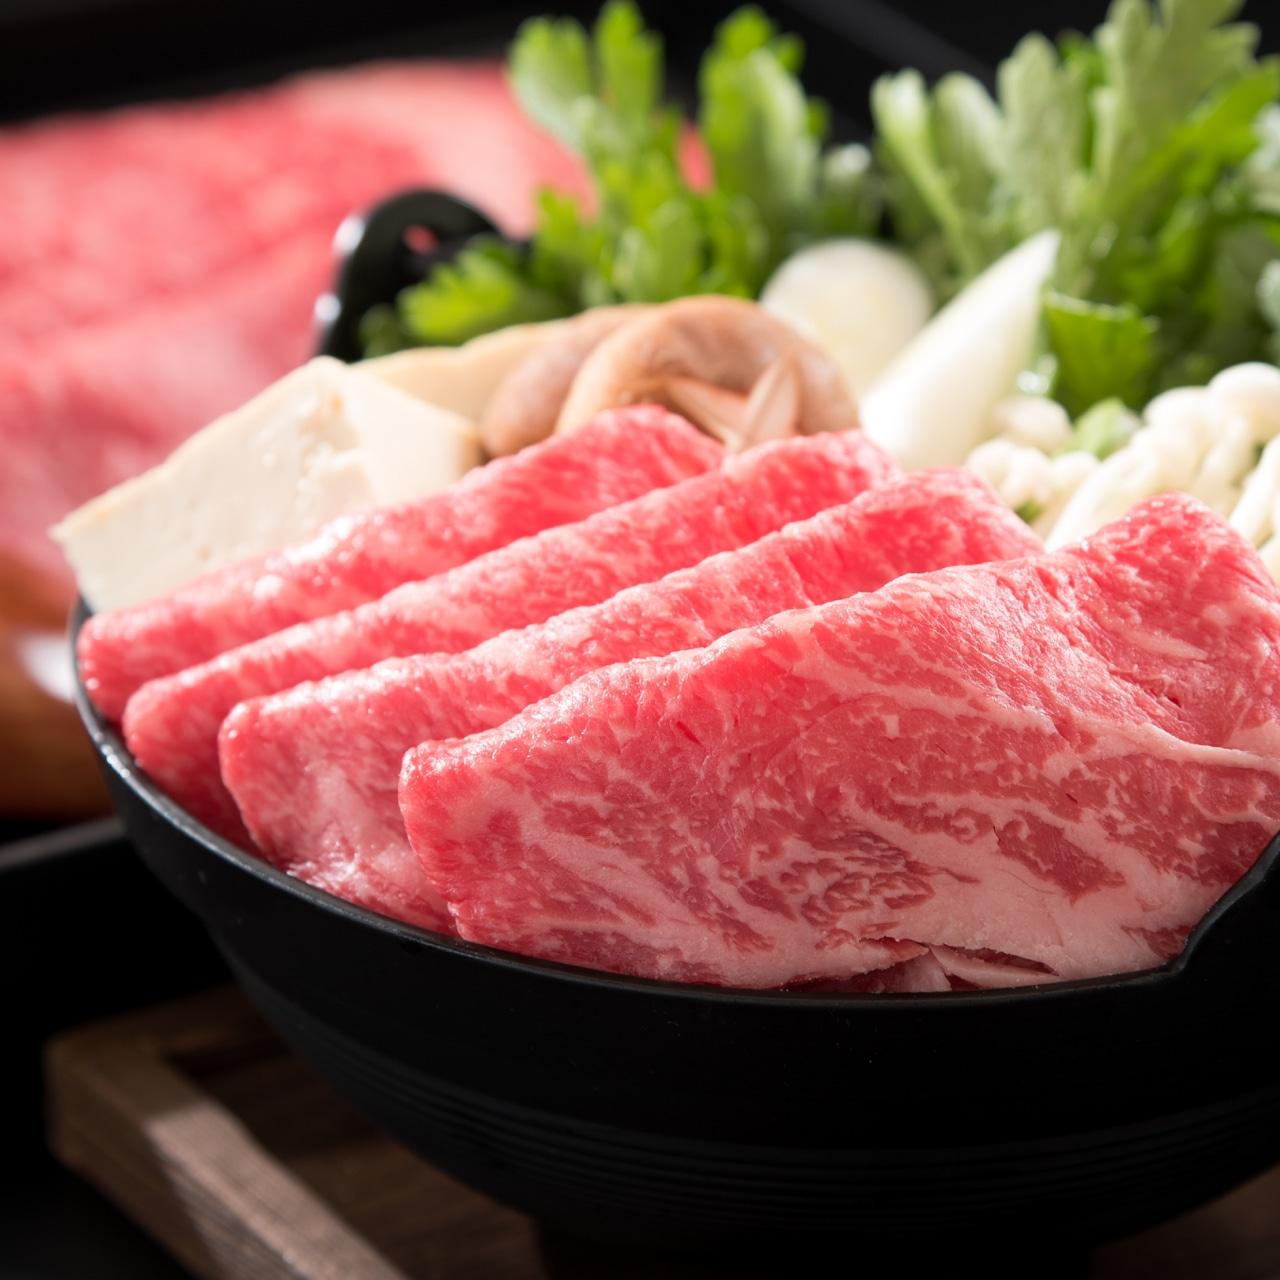 【伝統の枯らし熟成品】若狭ナカノ牛 赤身すき焼きセット 300g